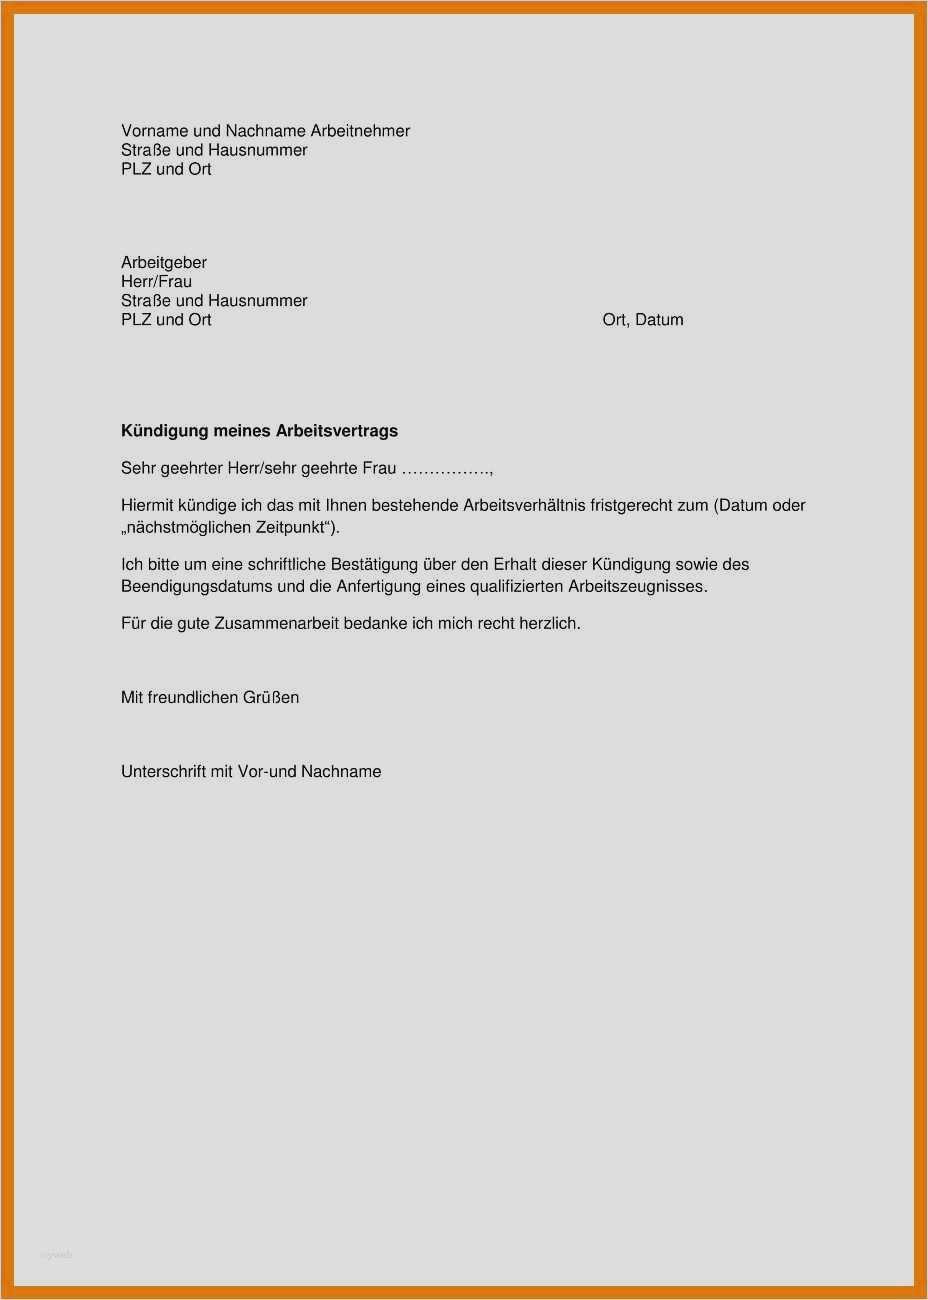 20 Suss Kundigung 450 Euro Job Vorlage Ebendiese Konnen Adaptieren Fur Ihre Wichtigsten Kreativitat Dillyhearts Com